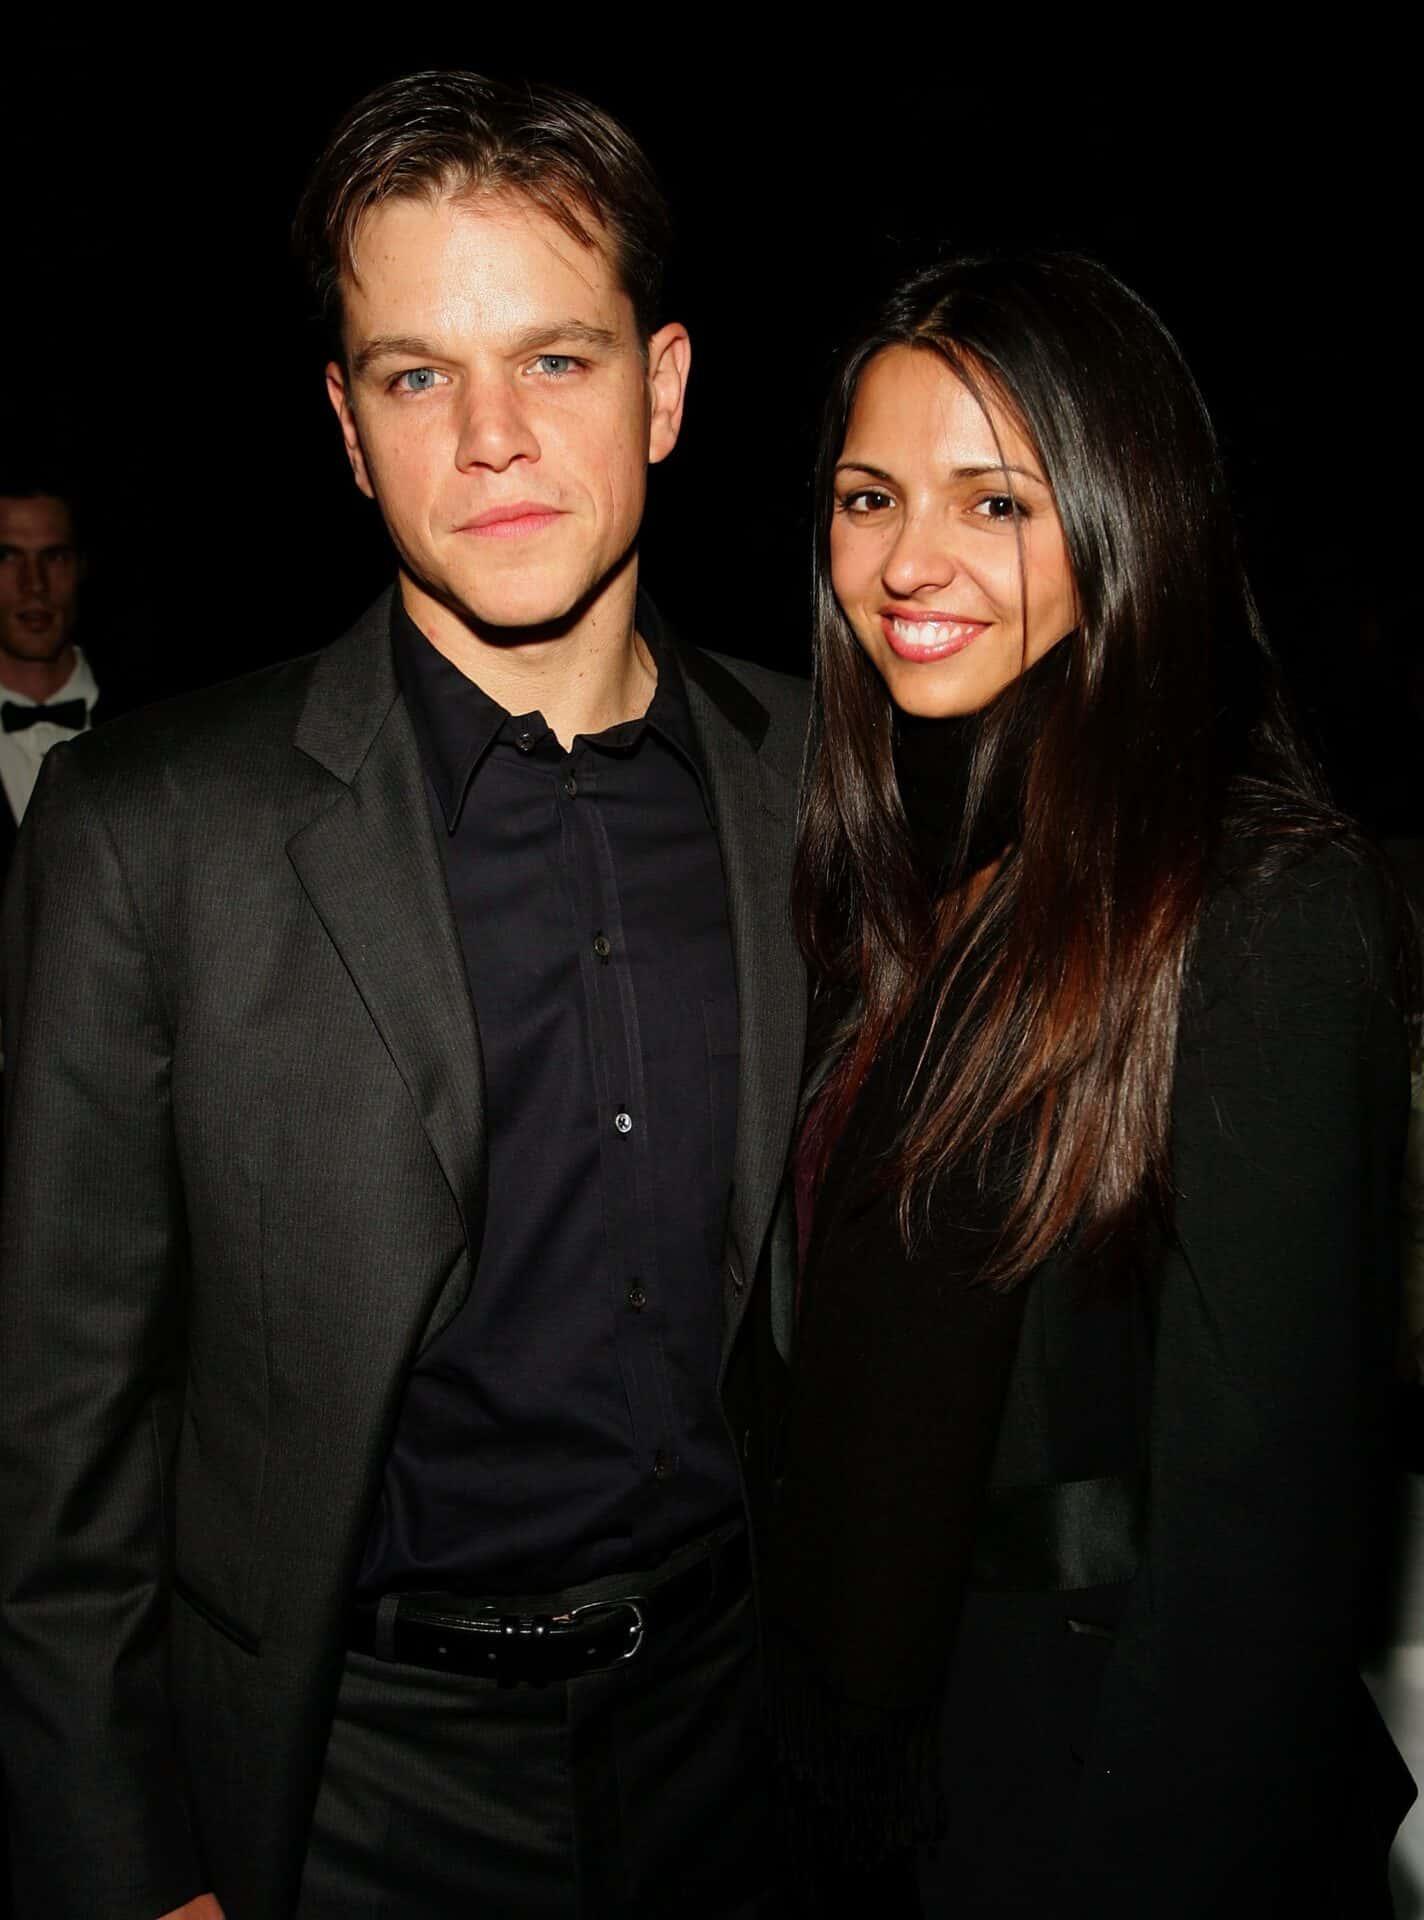 Matt & Luciana Damon 15 Years